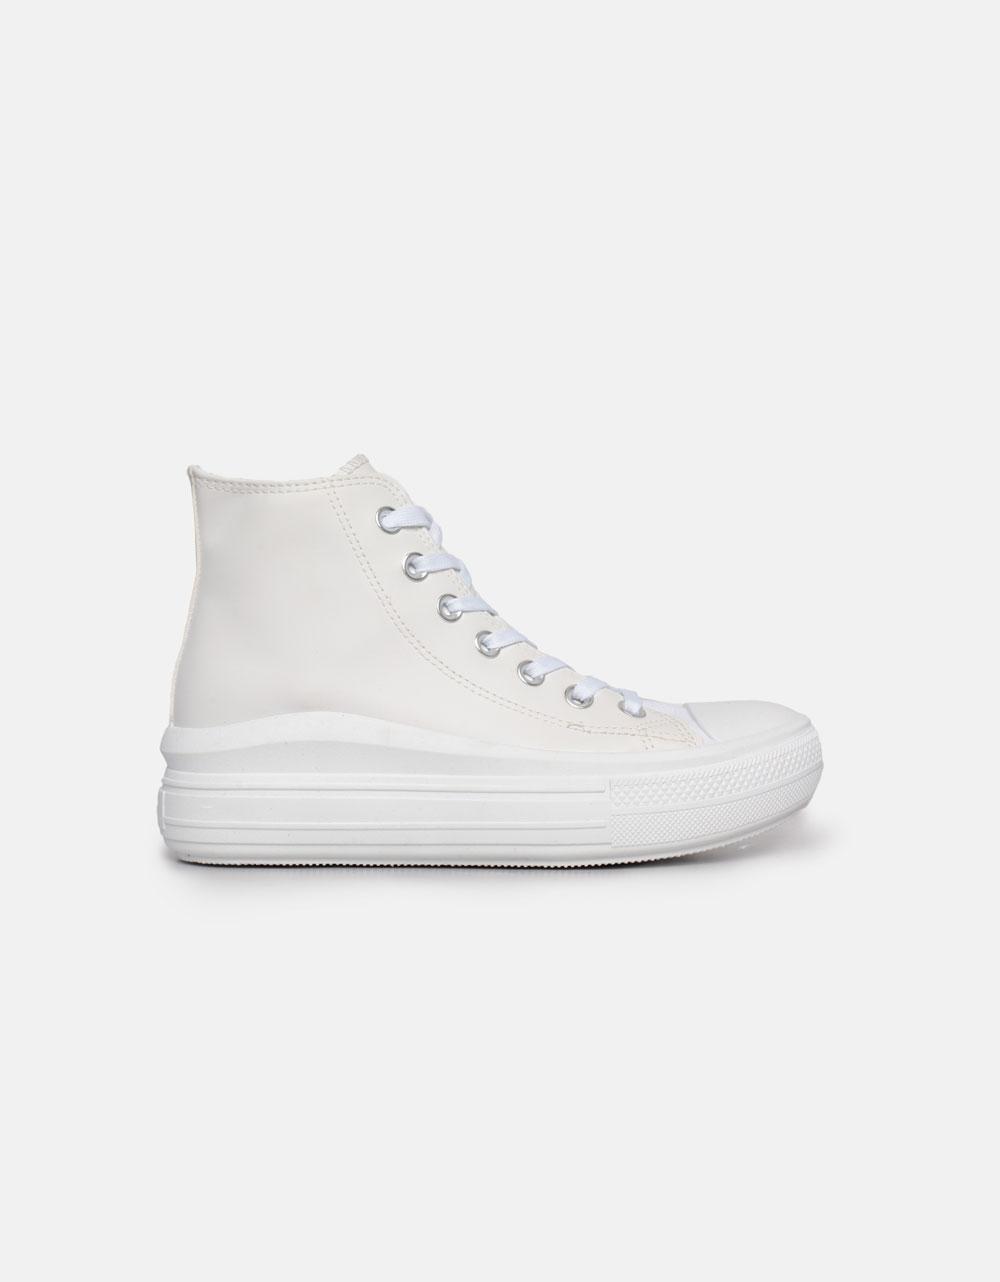 Εικόνα από Γυναικεία sneakers μποτάκια με διπλή σόλα Λευκό